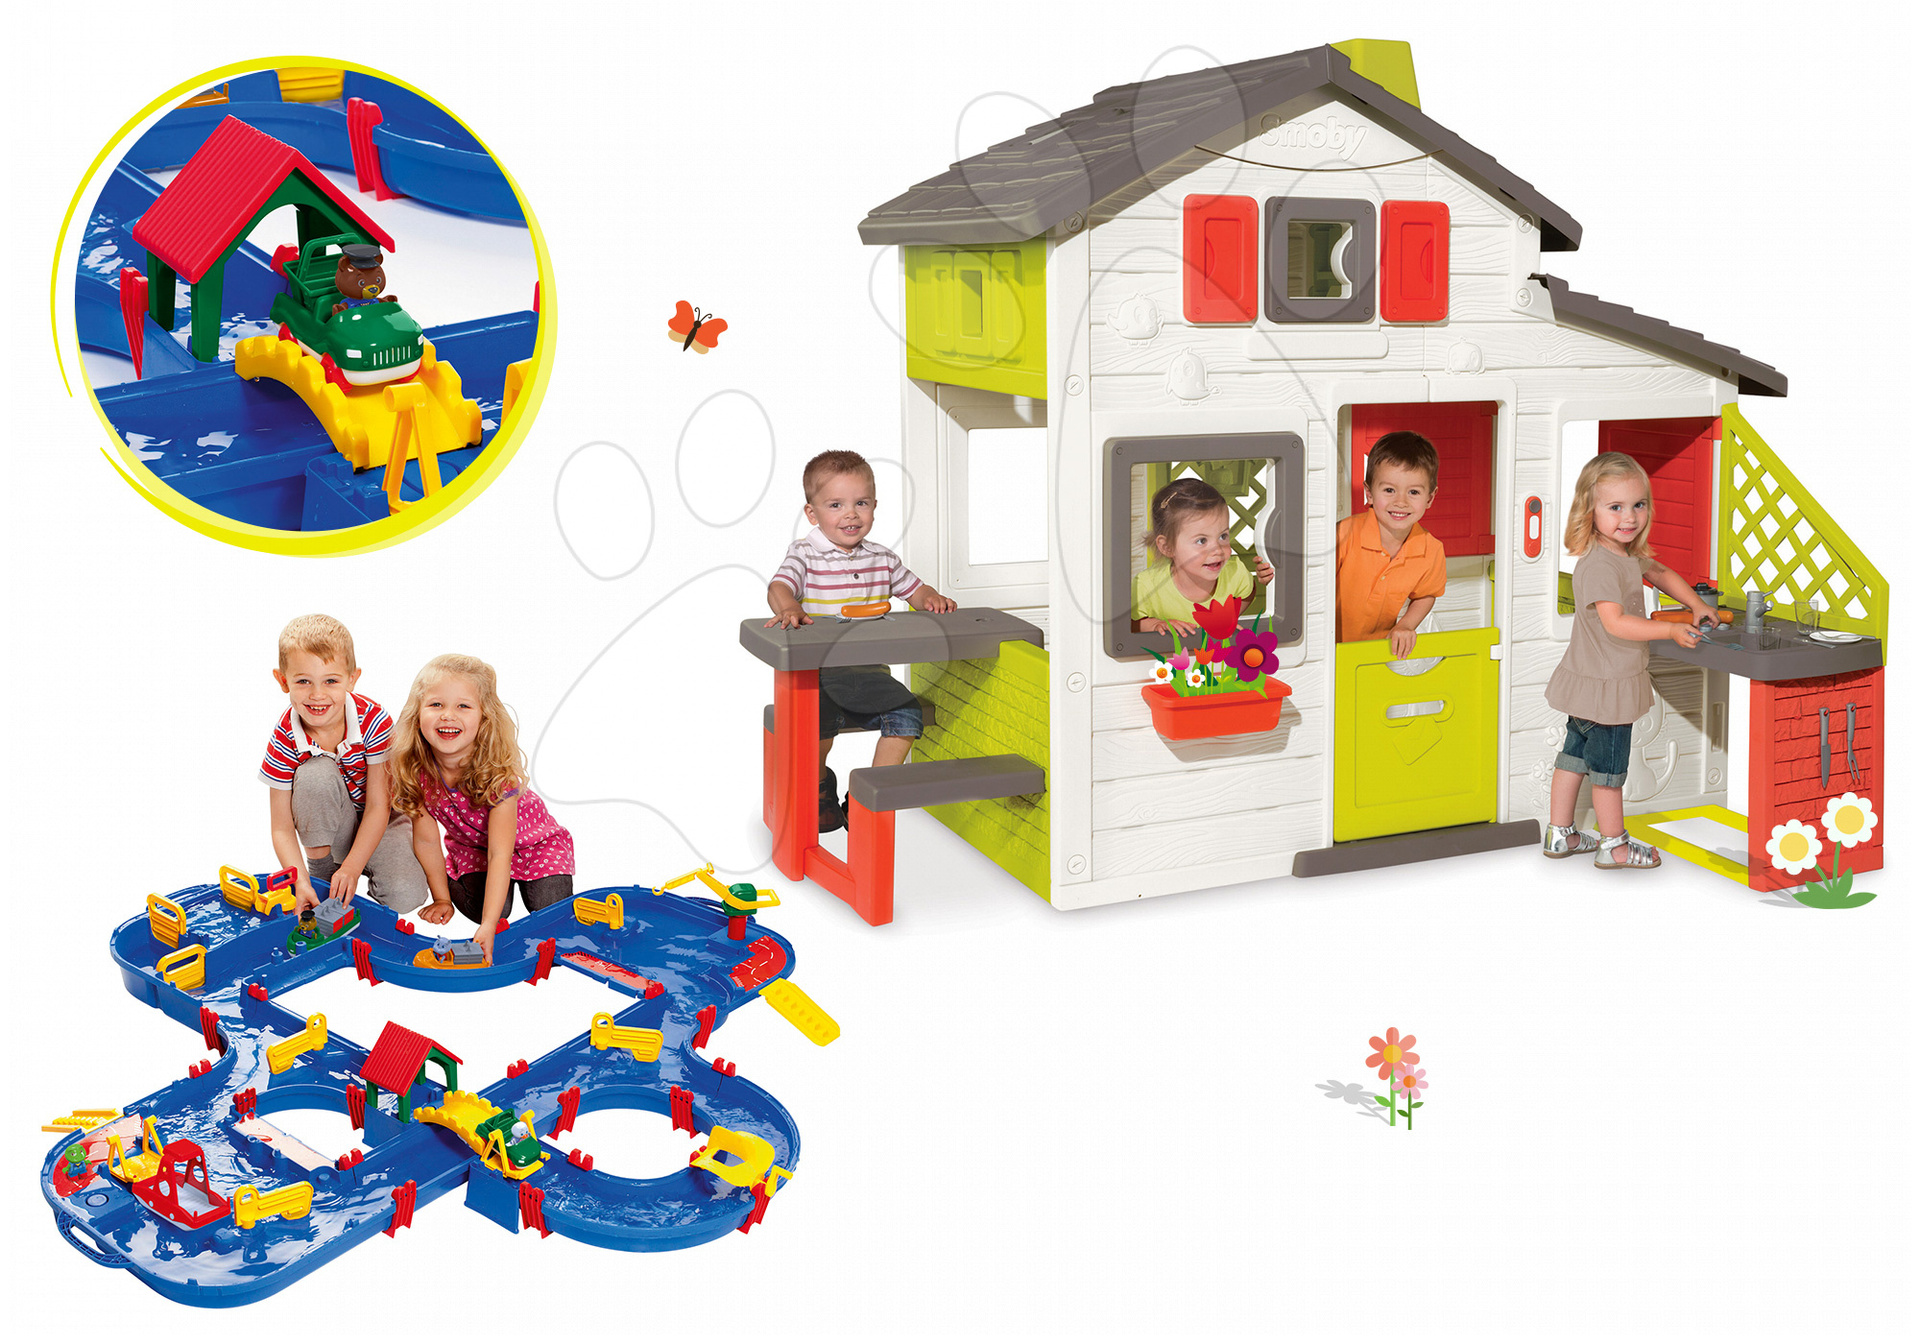 Set domeček Přátel s kuchyňkou Smoby a zvonkem, vodní dráha Aquaplay 'n Go v kufříku